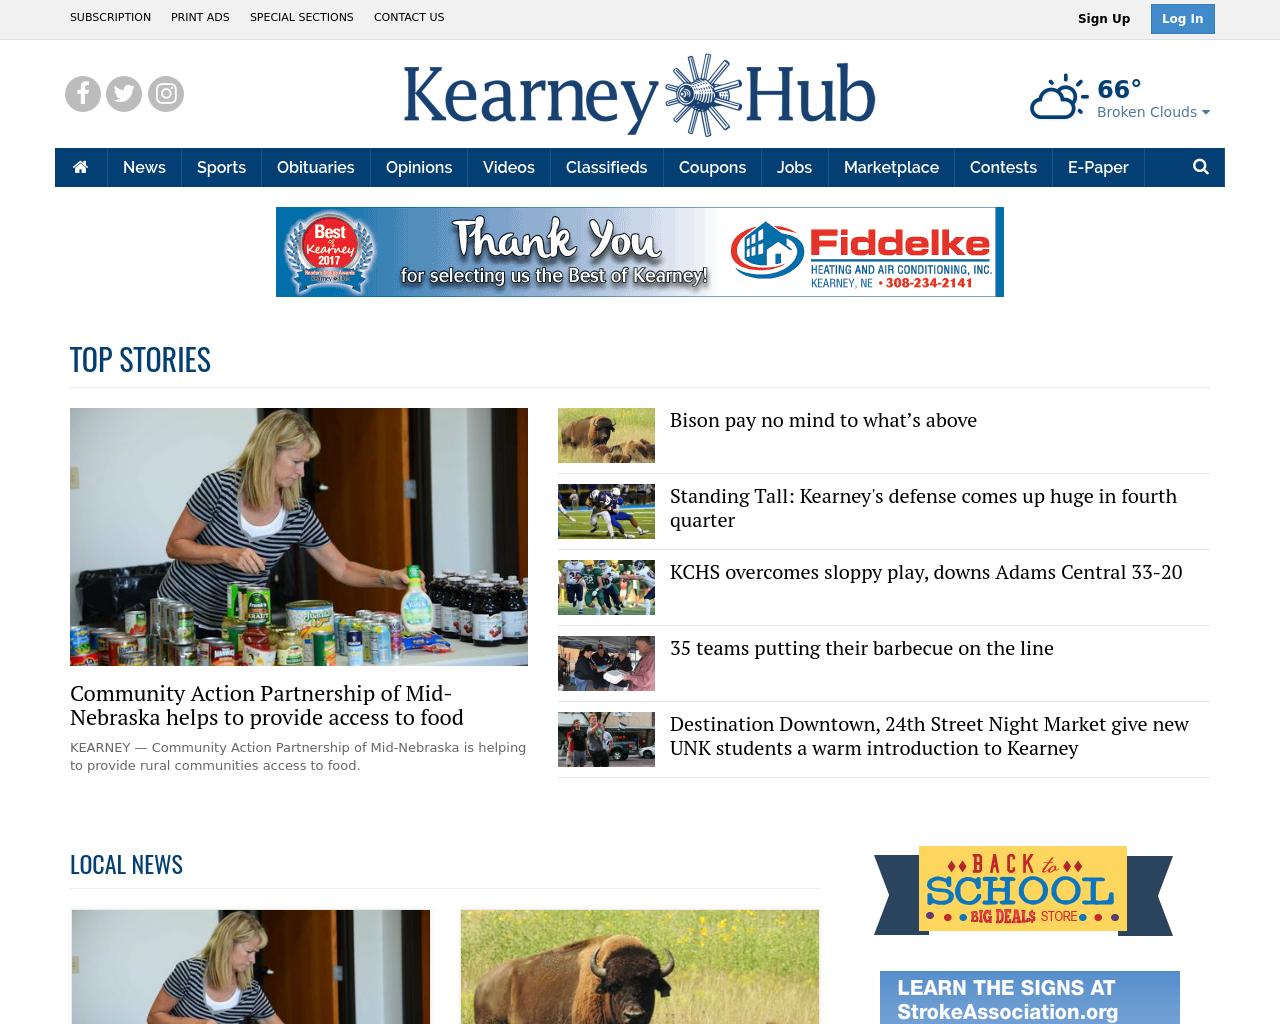 Kearney-Hub-Advertising-Reviews-Pricing